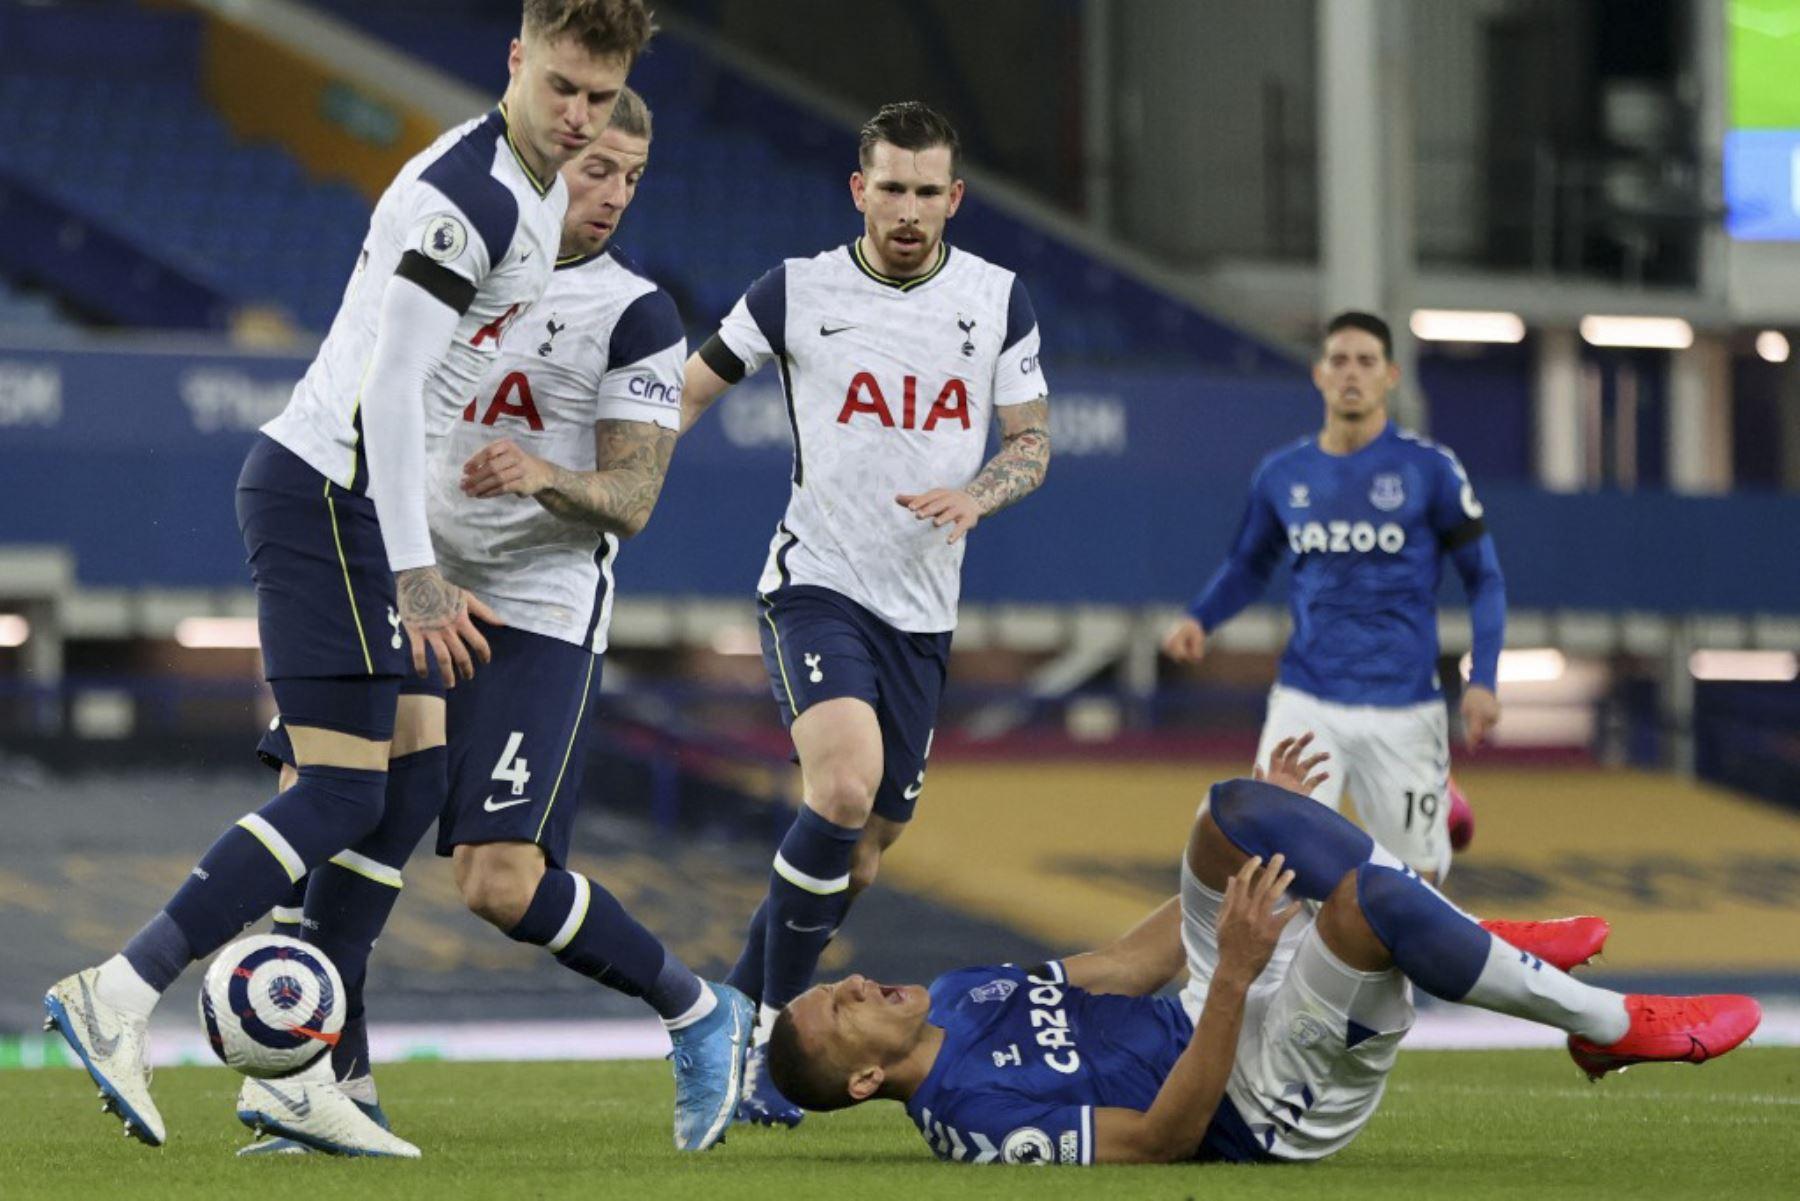 El delantero brasileño del Everton Richarlison (R) reacciona después de chocar con el defensor belga del Tottenham Hotspur Toby Alderweireld (2L) durante el partido de fútbol de la Premier League inglesa entre el Everton y el Tottenham Hotspur en Goodison Park en Liverpool. Foto: AFP